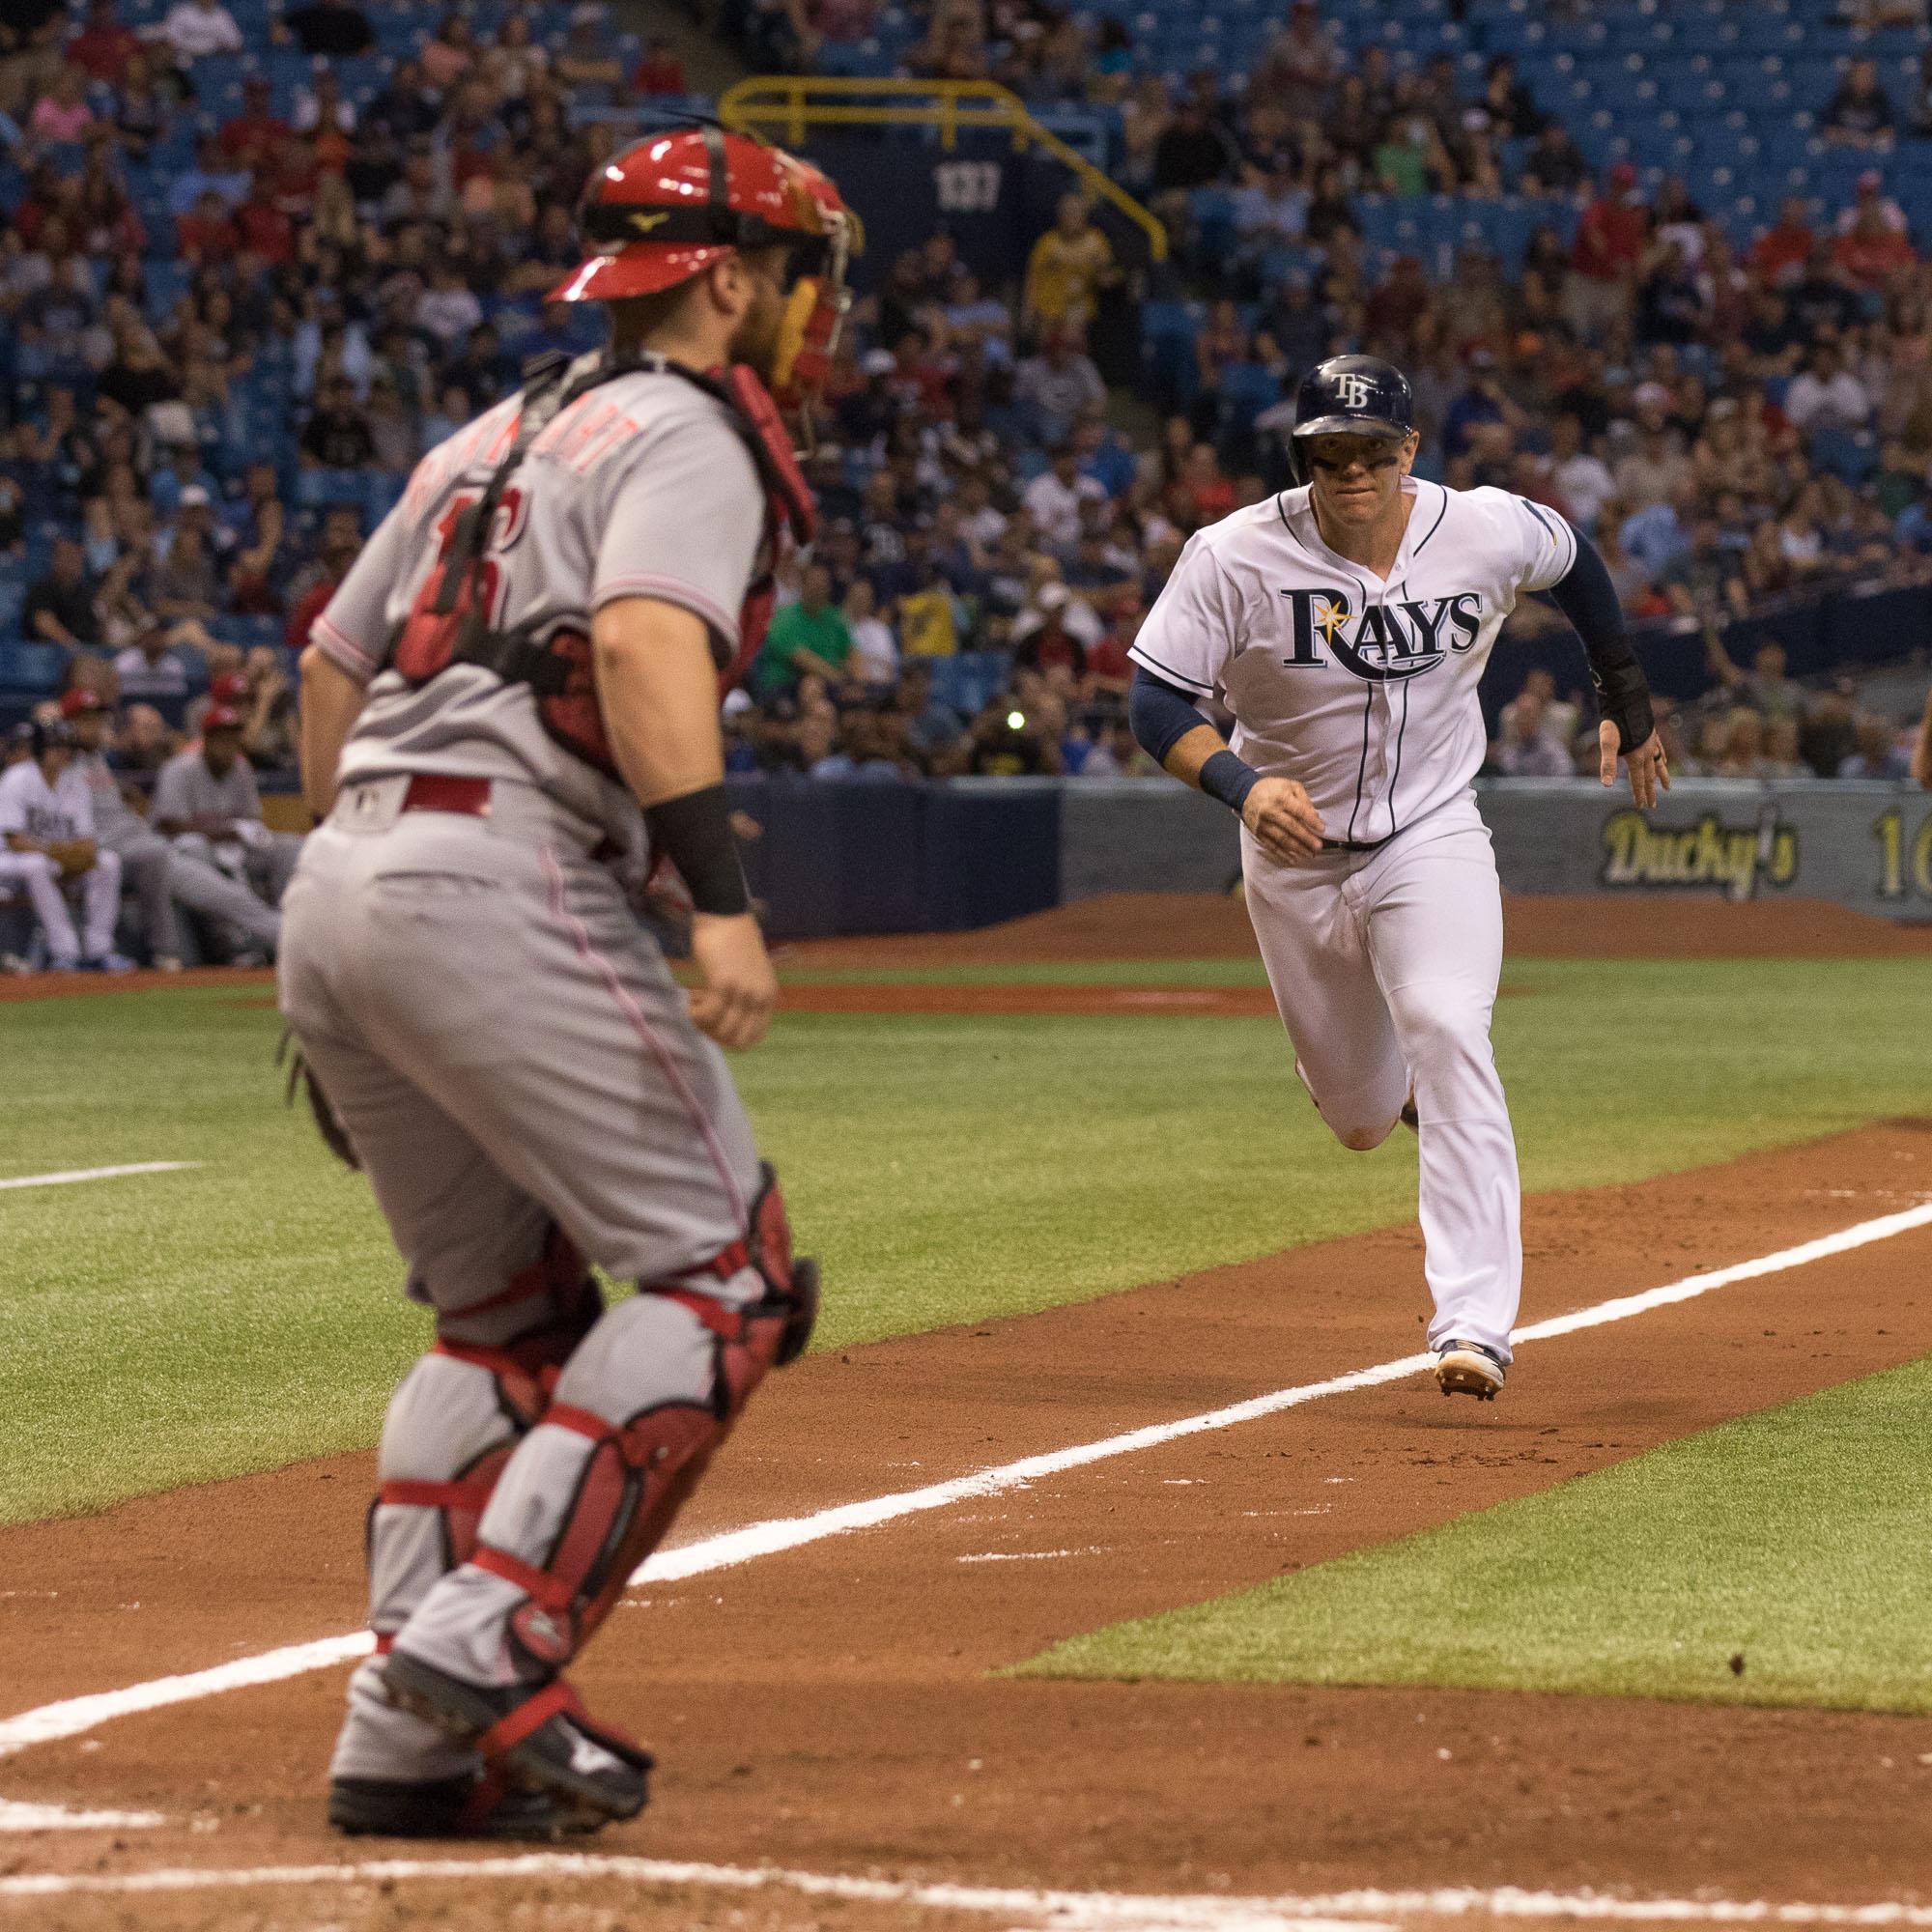 Morrison runs towards home plate./STEVEN MUNCIE